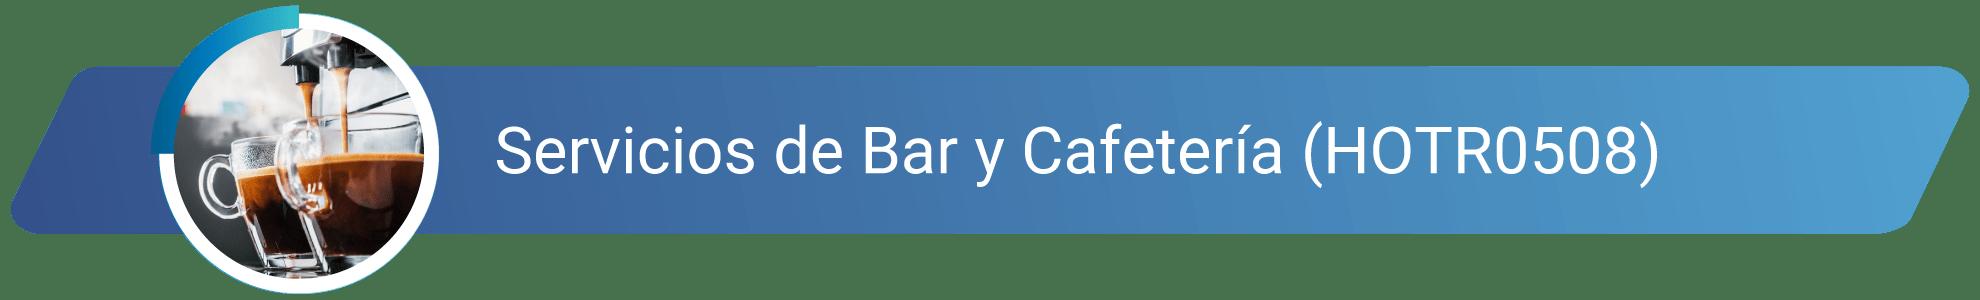 HOTR0508 - Servicios de Bar y Cafetería